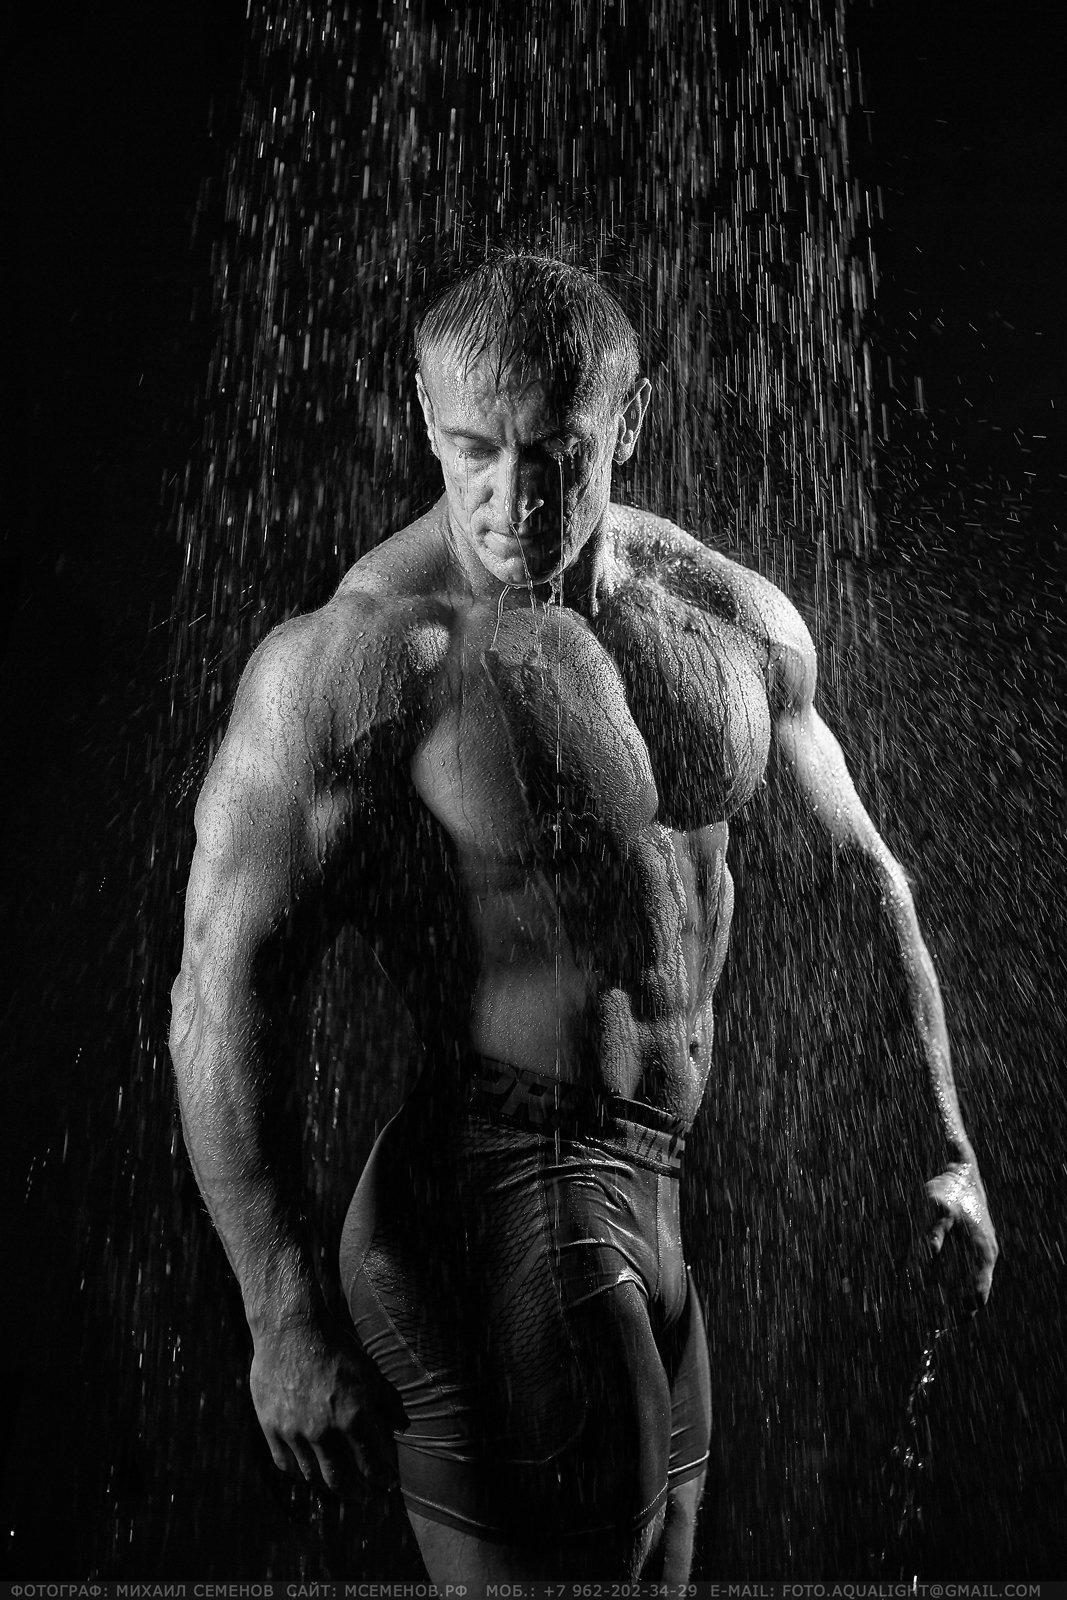 МихаилСеменов, фитнес, спорт, чемпион, фотосессия, man, поддождем, лофтярославль, yarloftfitness, aquaphotoshot, аквафотосессия, Михаил Семенов